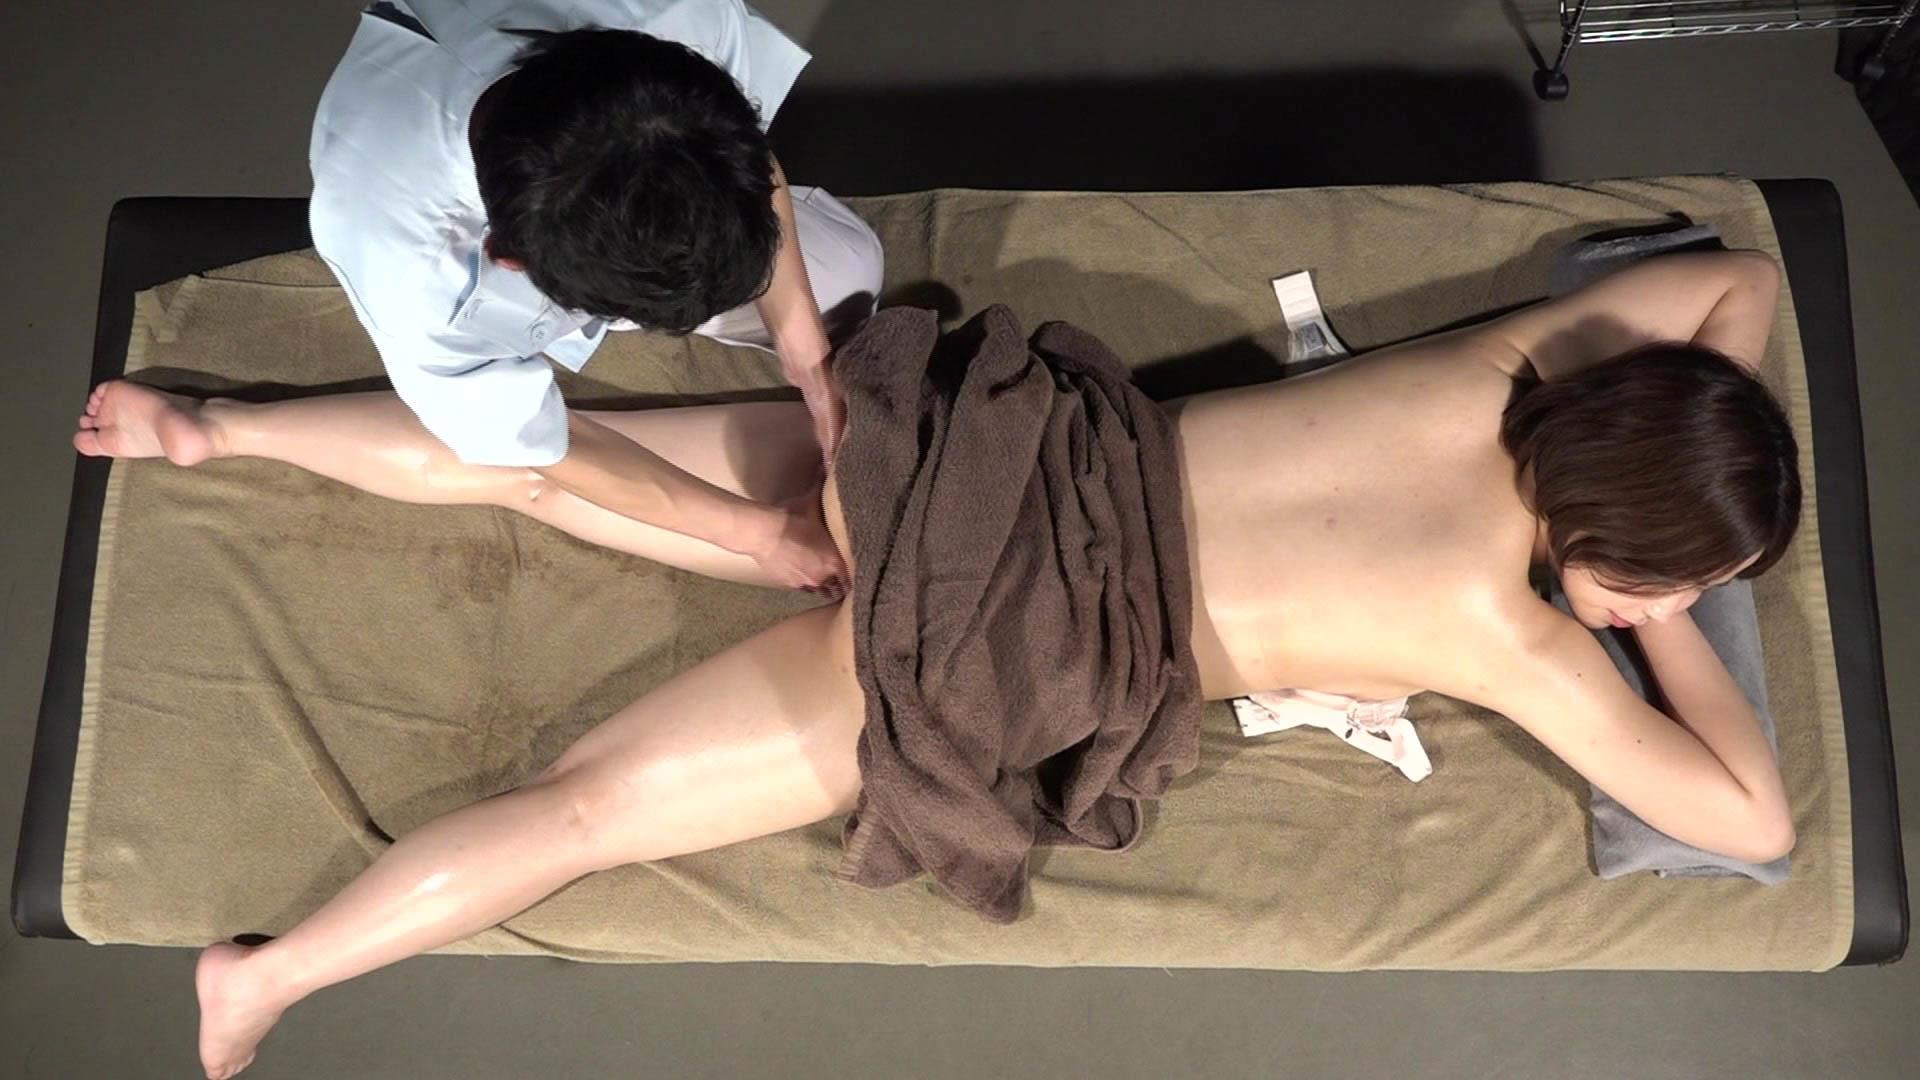 美人歯科衛生士を性感マッサージでとことんイカせてみた 画像16